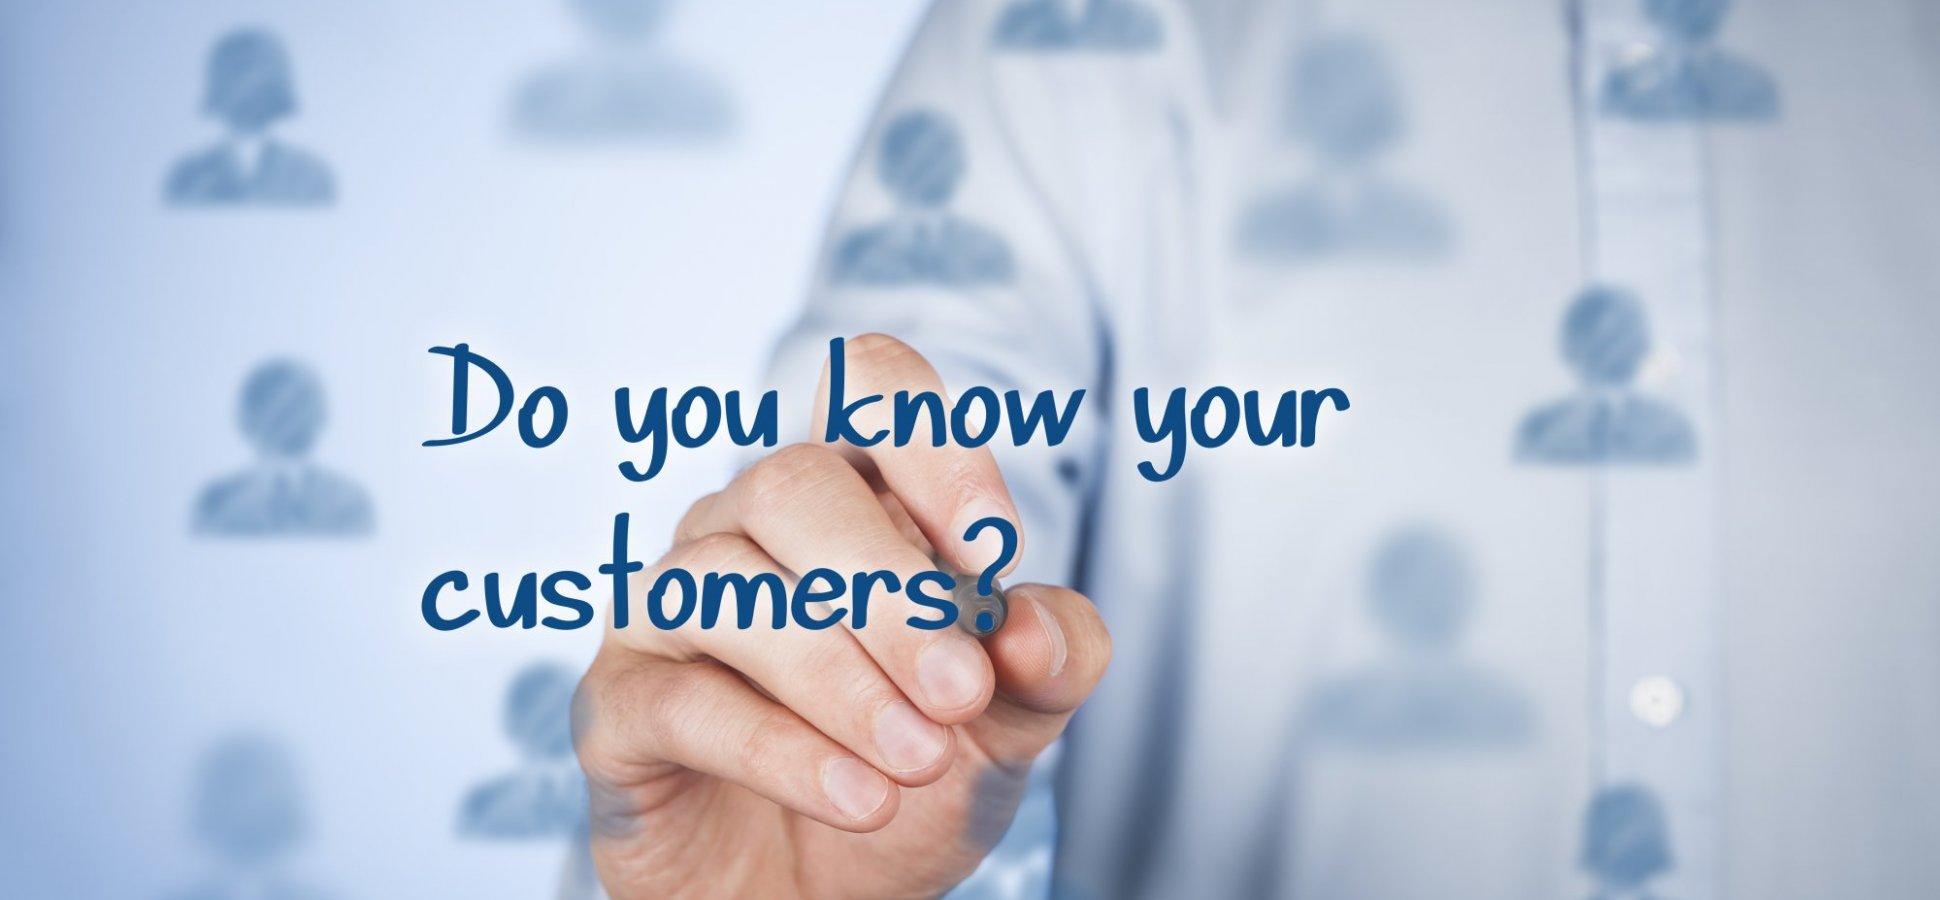 Khách hàng sẽ là người duy trì cho công việc kinh doanh của bạn